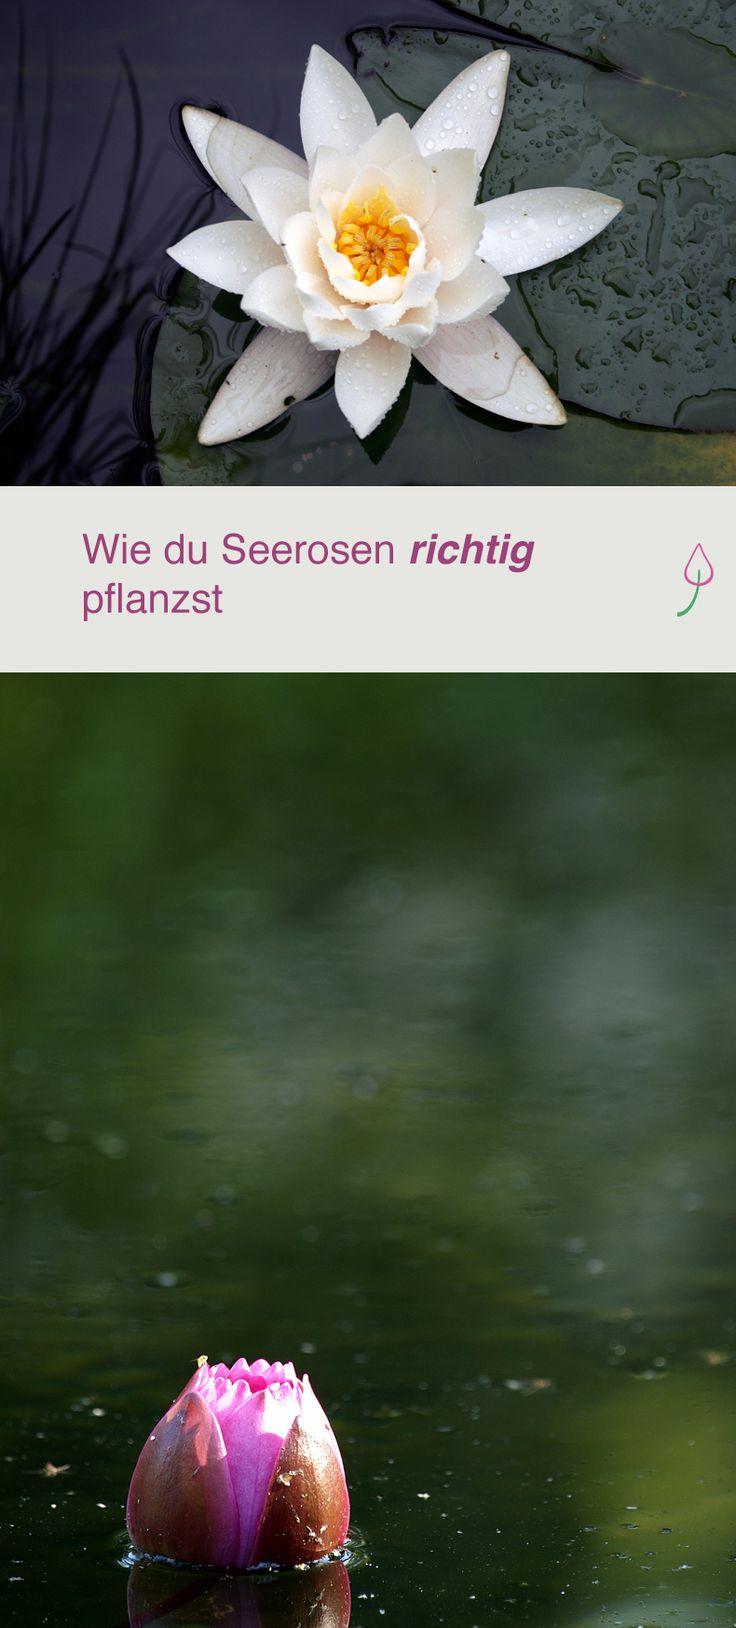 Seerosen Richtig In Den Teich Pflanzen